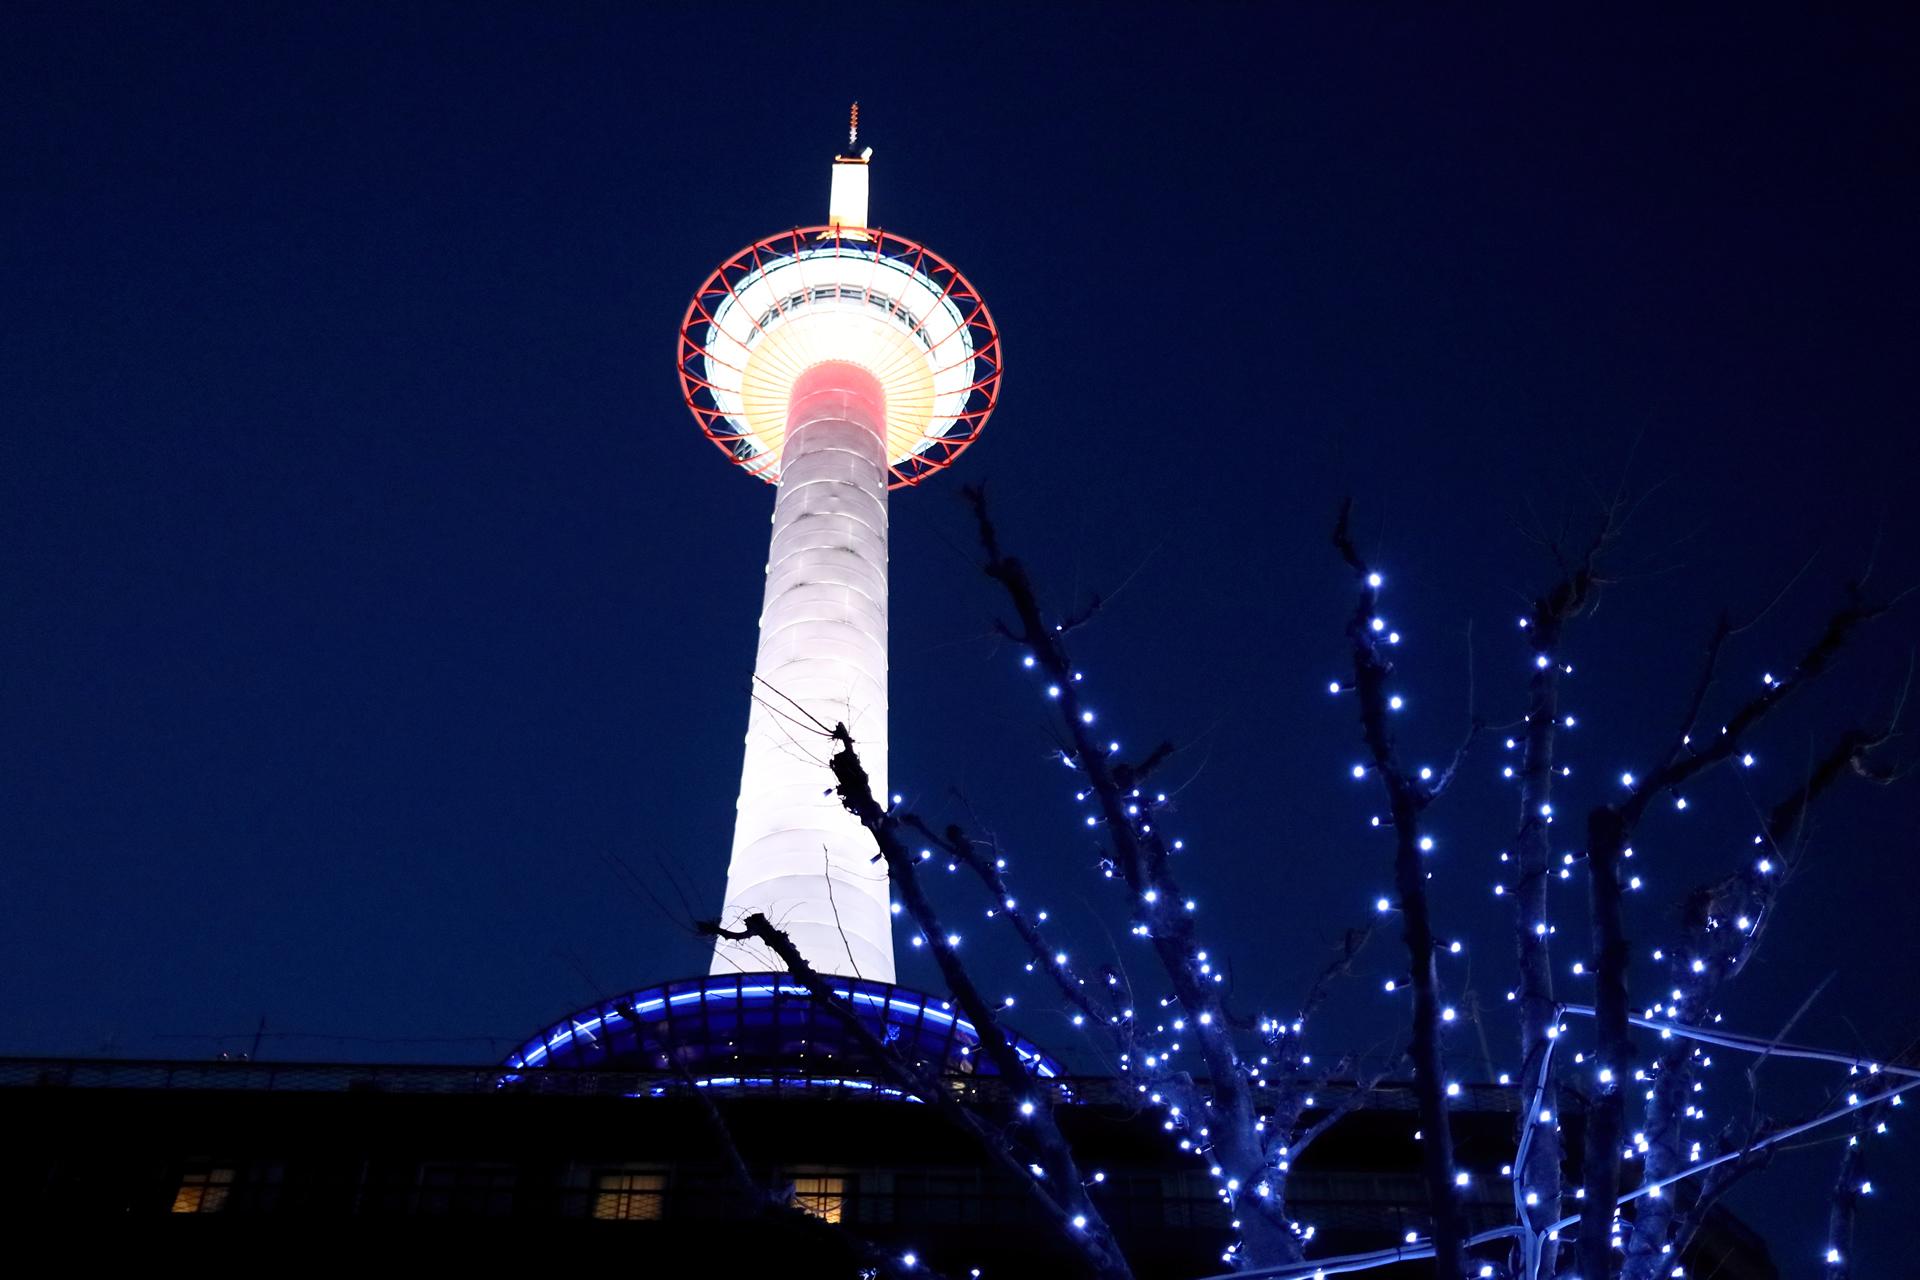 海のない京都の街を照らす灯台をイメージした京都のランドマーク「京都タワー」